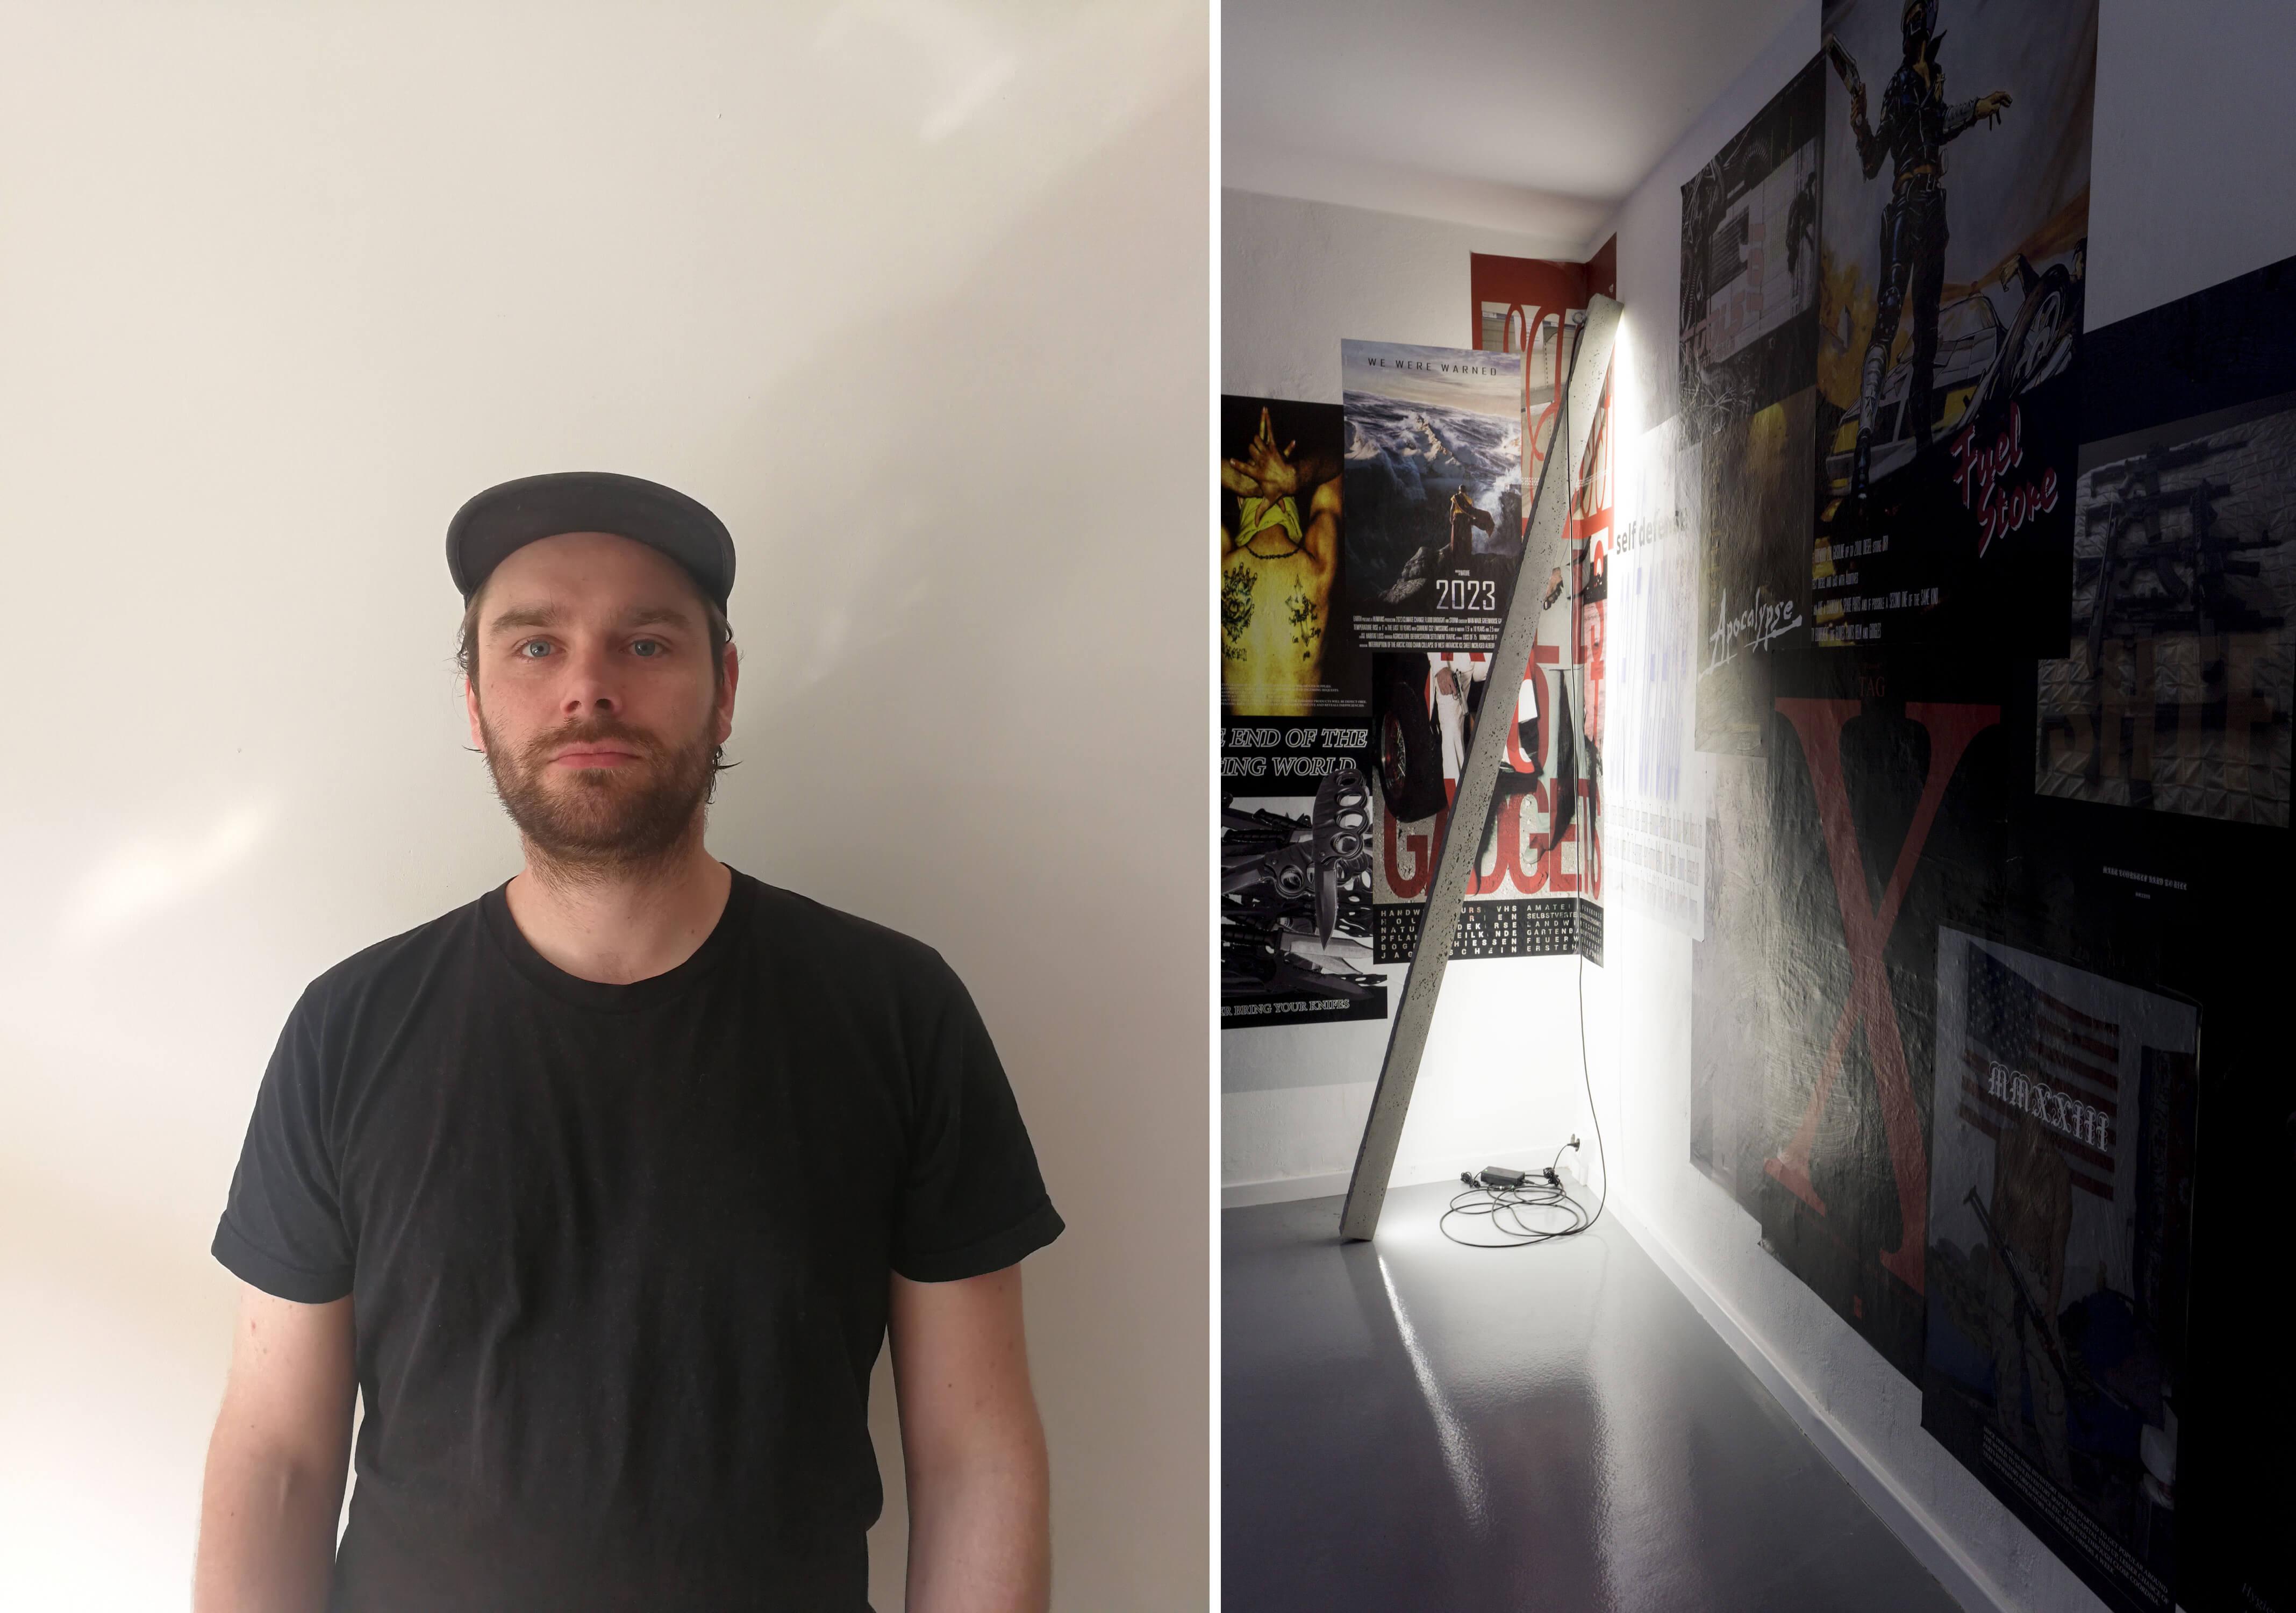 Links der Künstler Alexander Poliček, rechts Installationsansicht Alexander Poliček, Poster an der Wand.